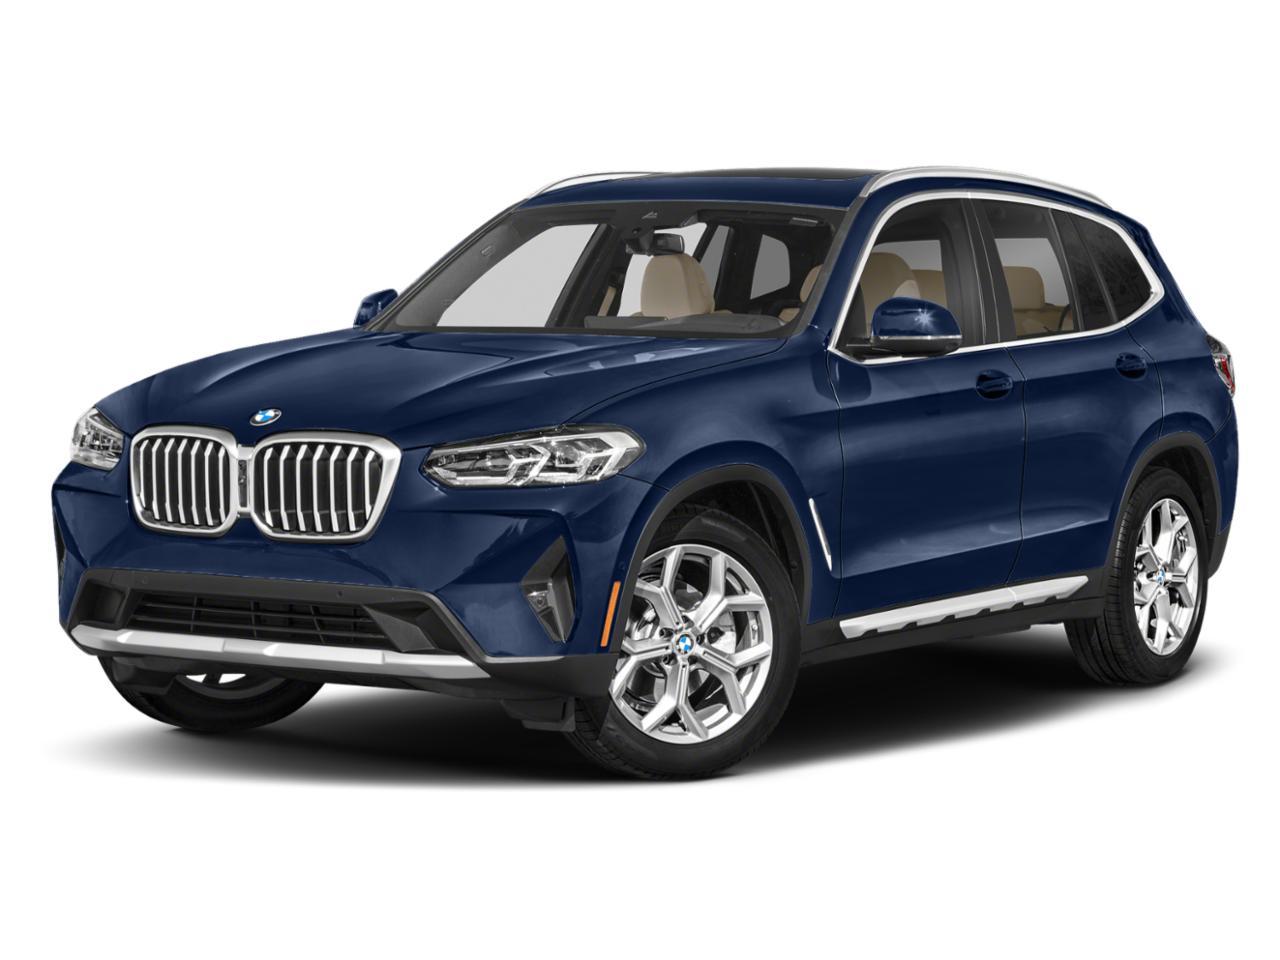 2022 BMW X3 xDrive30i Vehicle Photo in Appleton, WI 54913